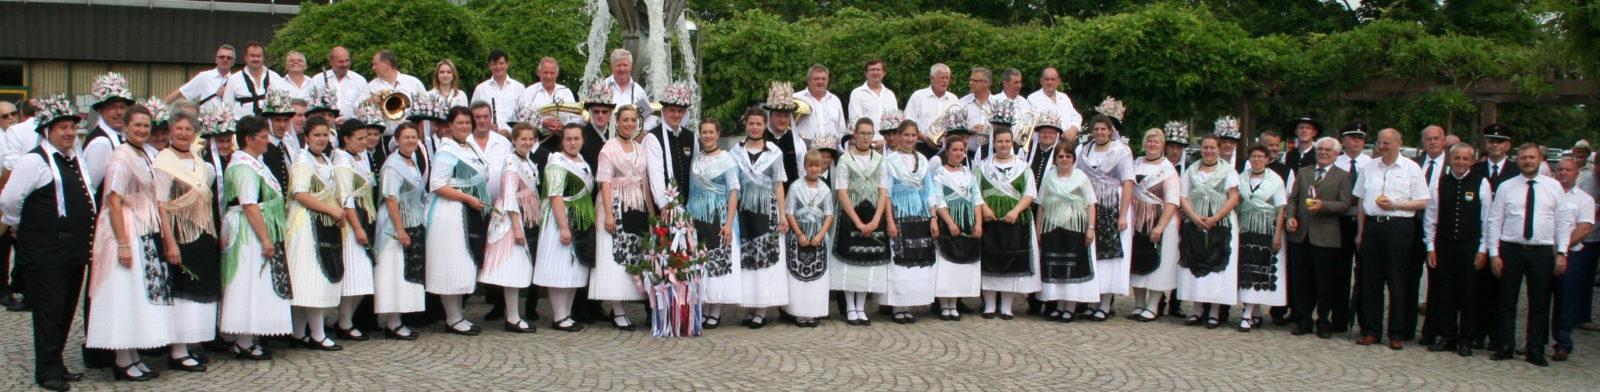 Tanz- und Trachtengruppen der Banater Schwaben Karlsruhe